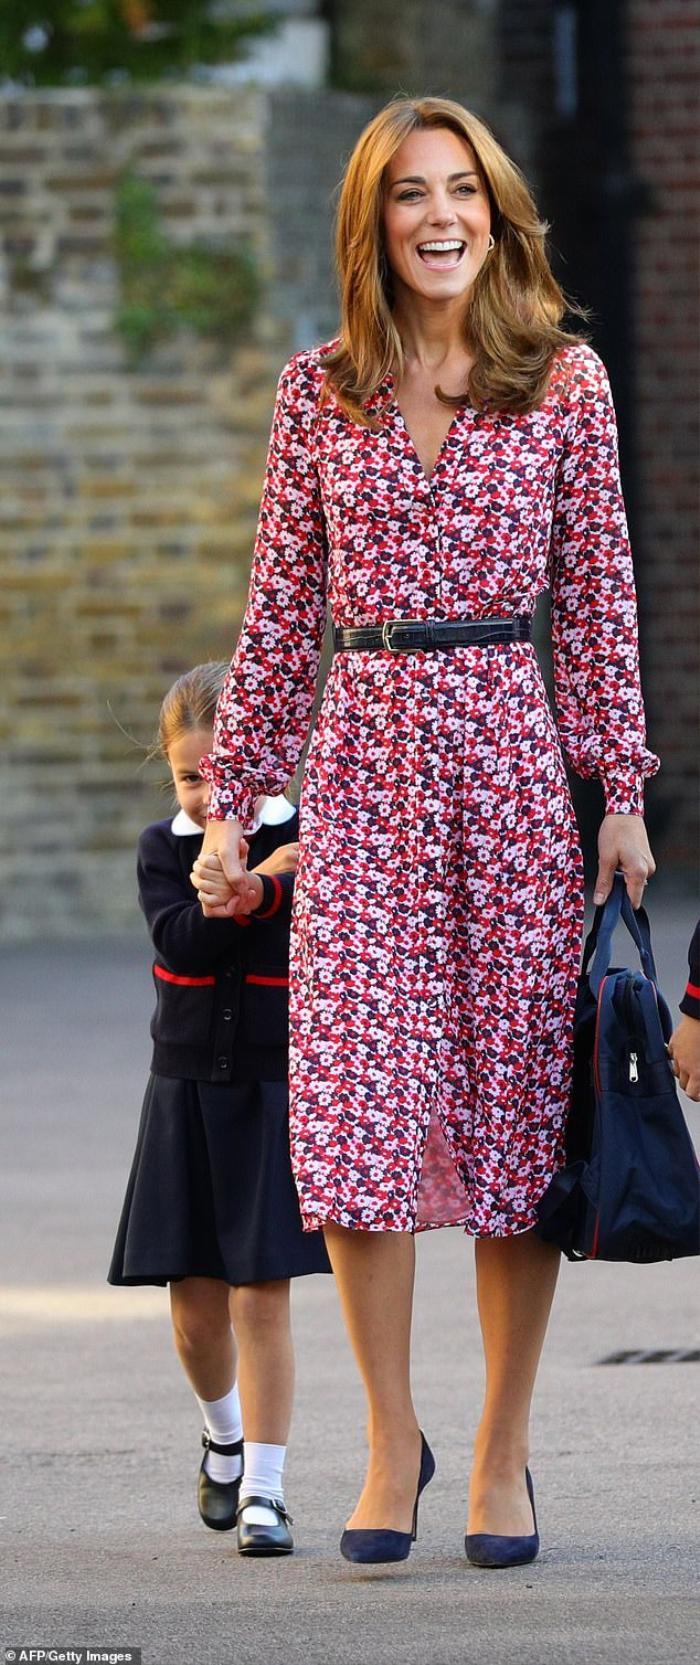 Bí ẩn tủ đồ Hoàng gia: Những khoảnh khắc thời trang Hoàng gia khiến dân tình phát sốt Ảnh 8